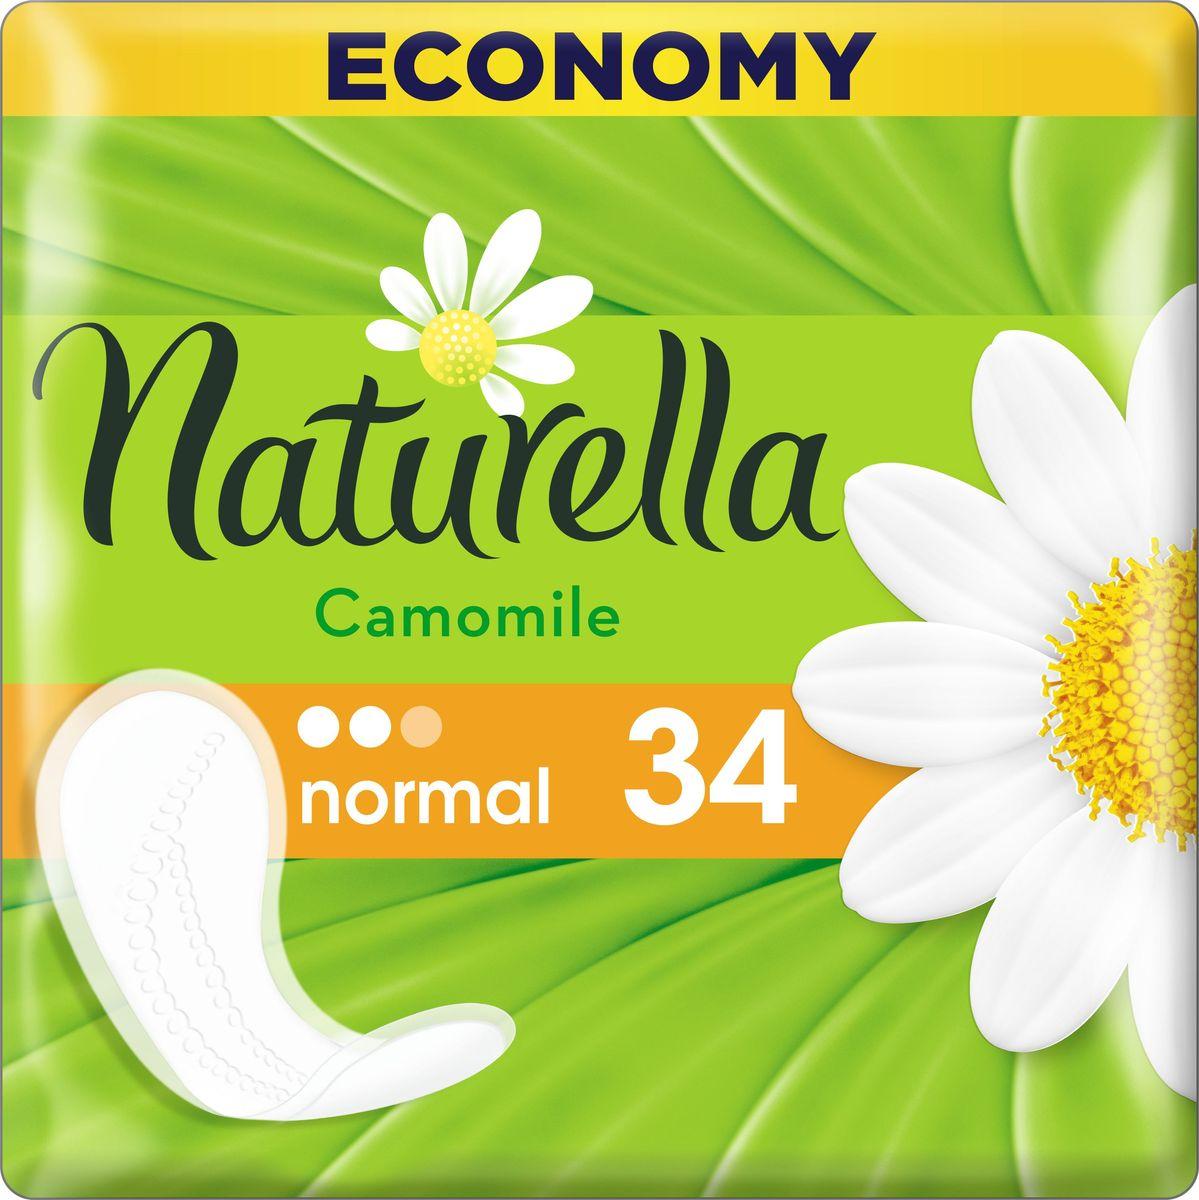 Naturella Женские гигиенические прокладки на каждый день Camomile Normal Duo 34 шт авент прокладки женские гигиенические для бюстгальтера дневные 30